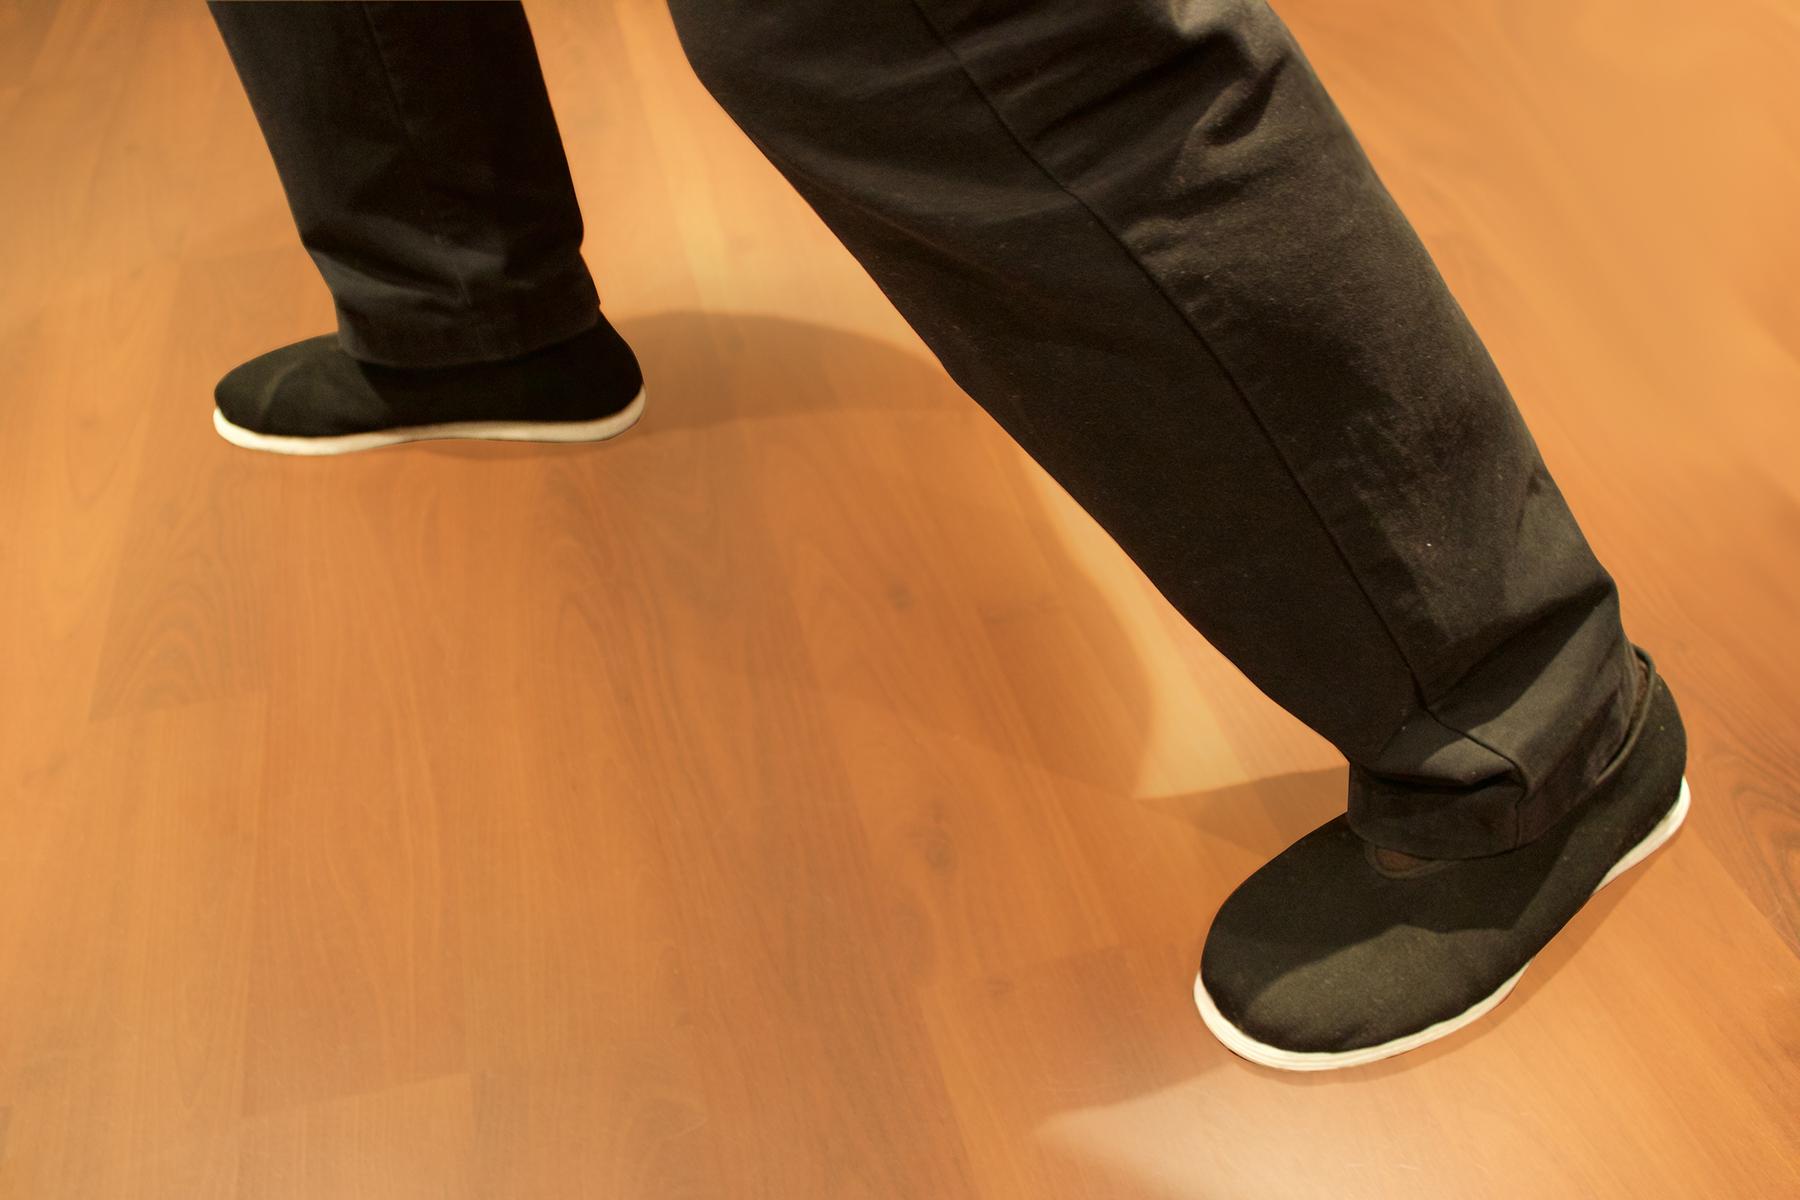 70_30_foot_position.jpg